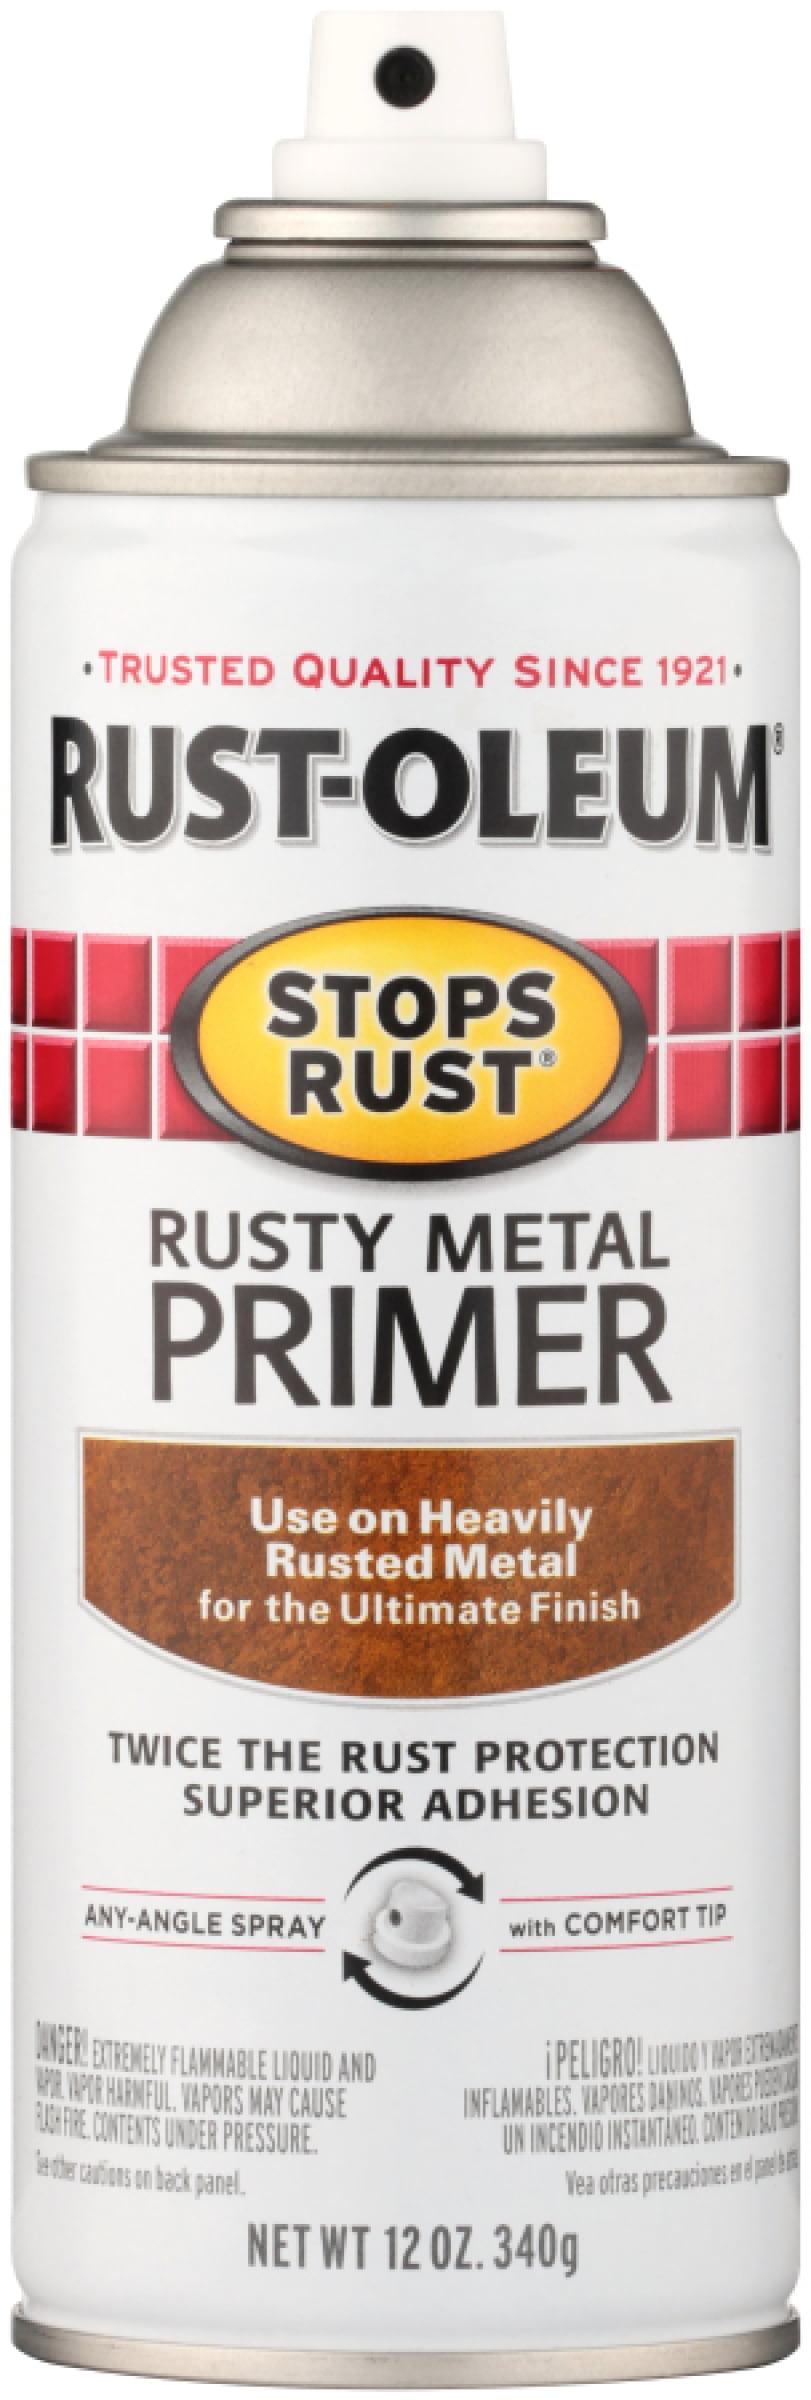 Rust Oleuma Stops Rusta Rusty Metal Primer 12 Oz Aerosol Can Walmart Com Walmart Com